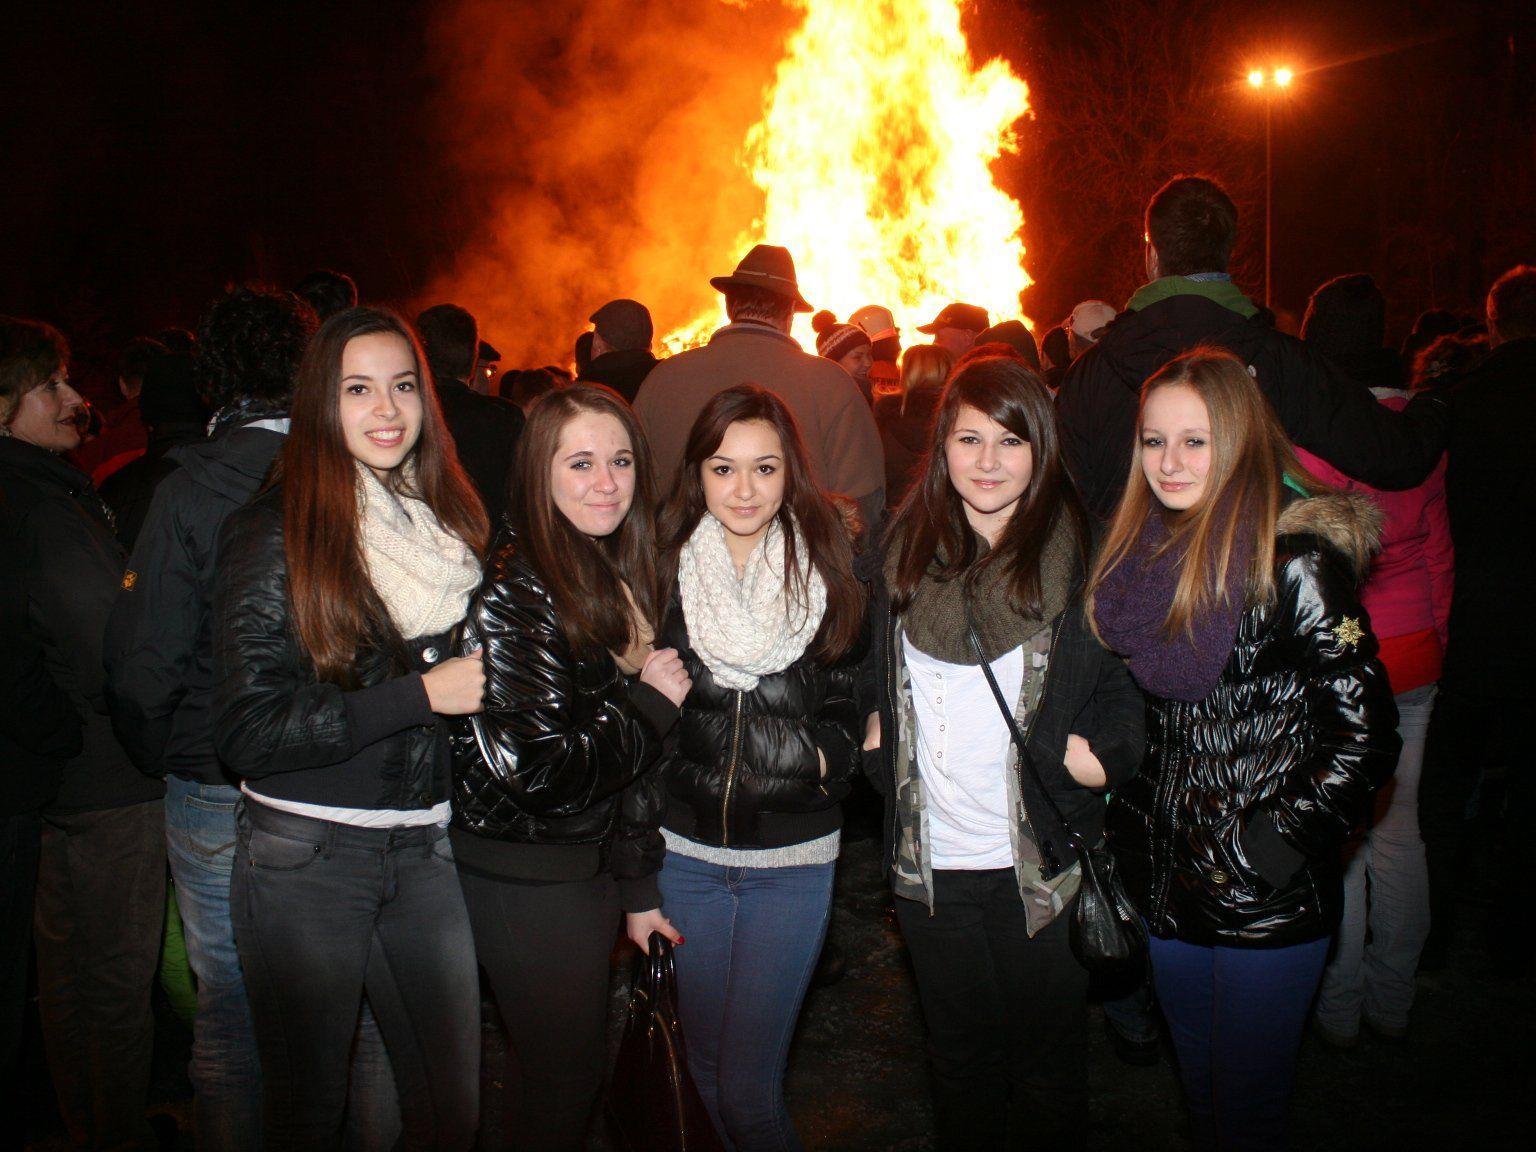 Anja, Antonella, Zara, Fabienne und Lilly beim Funken in Bregenz